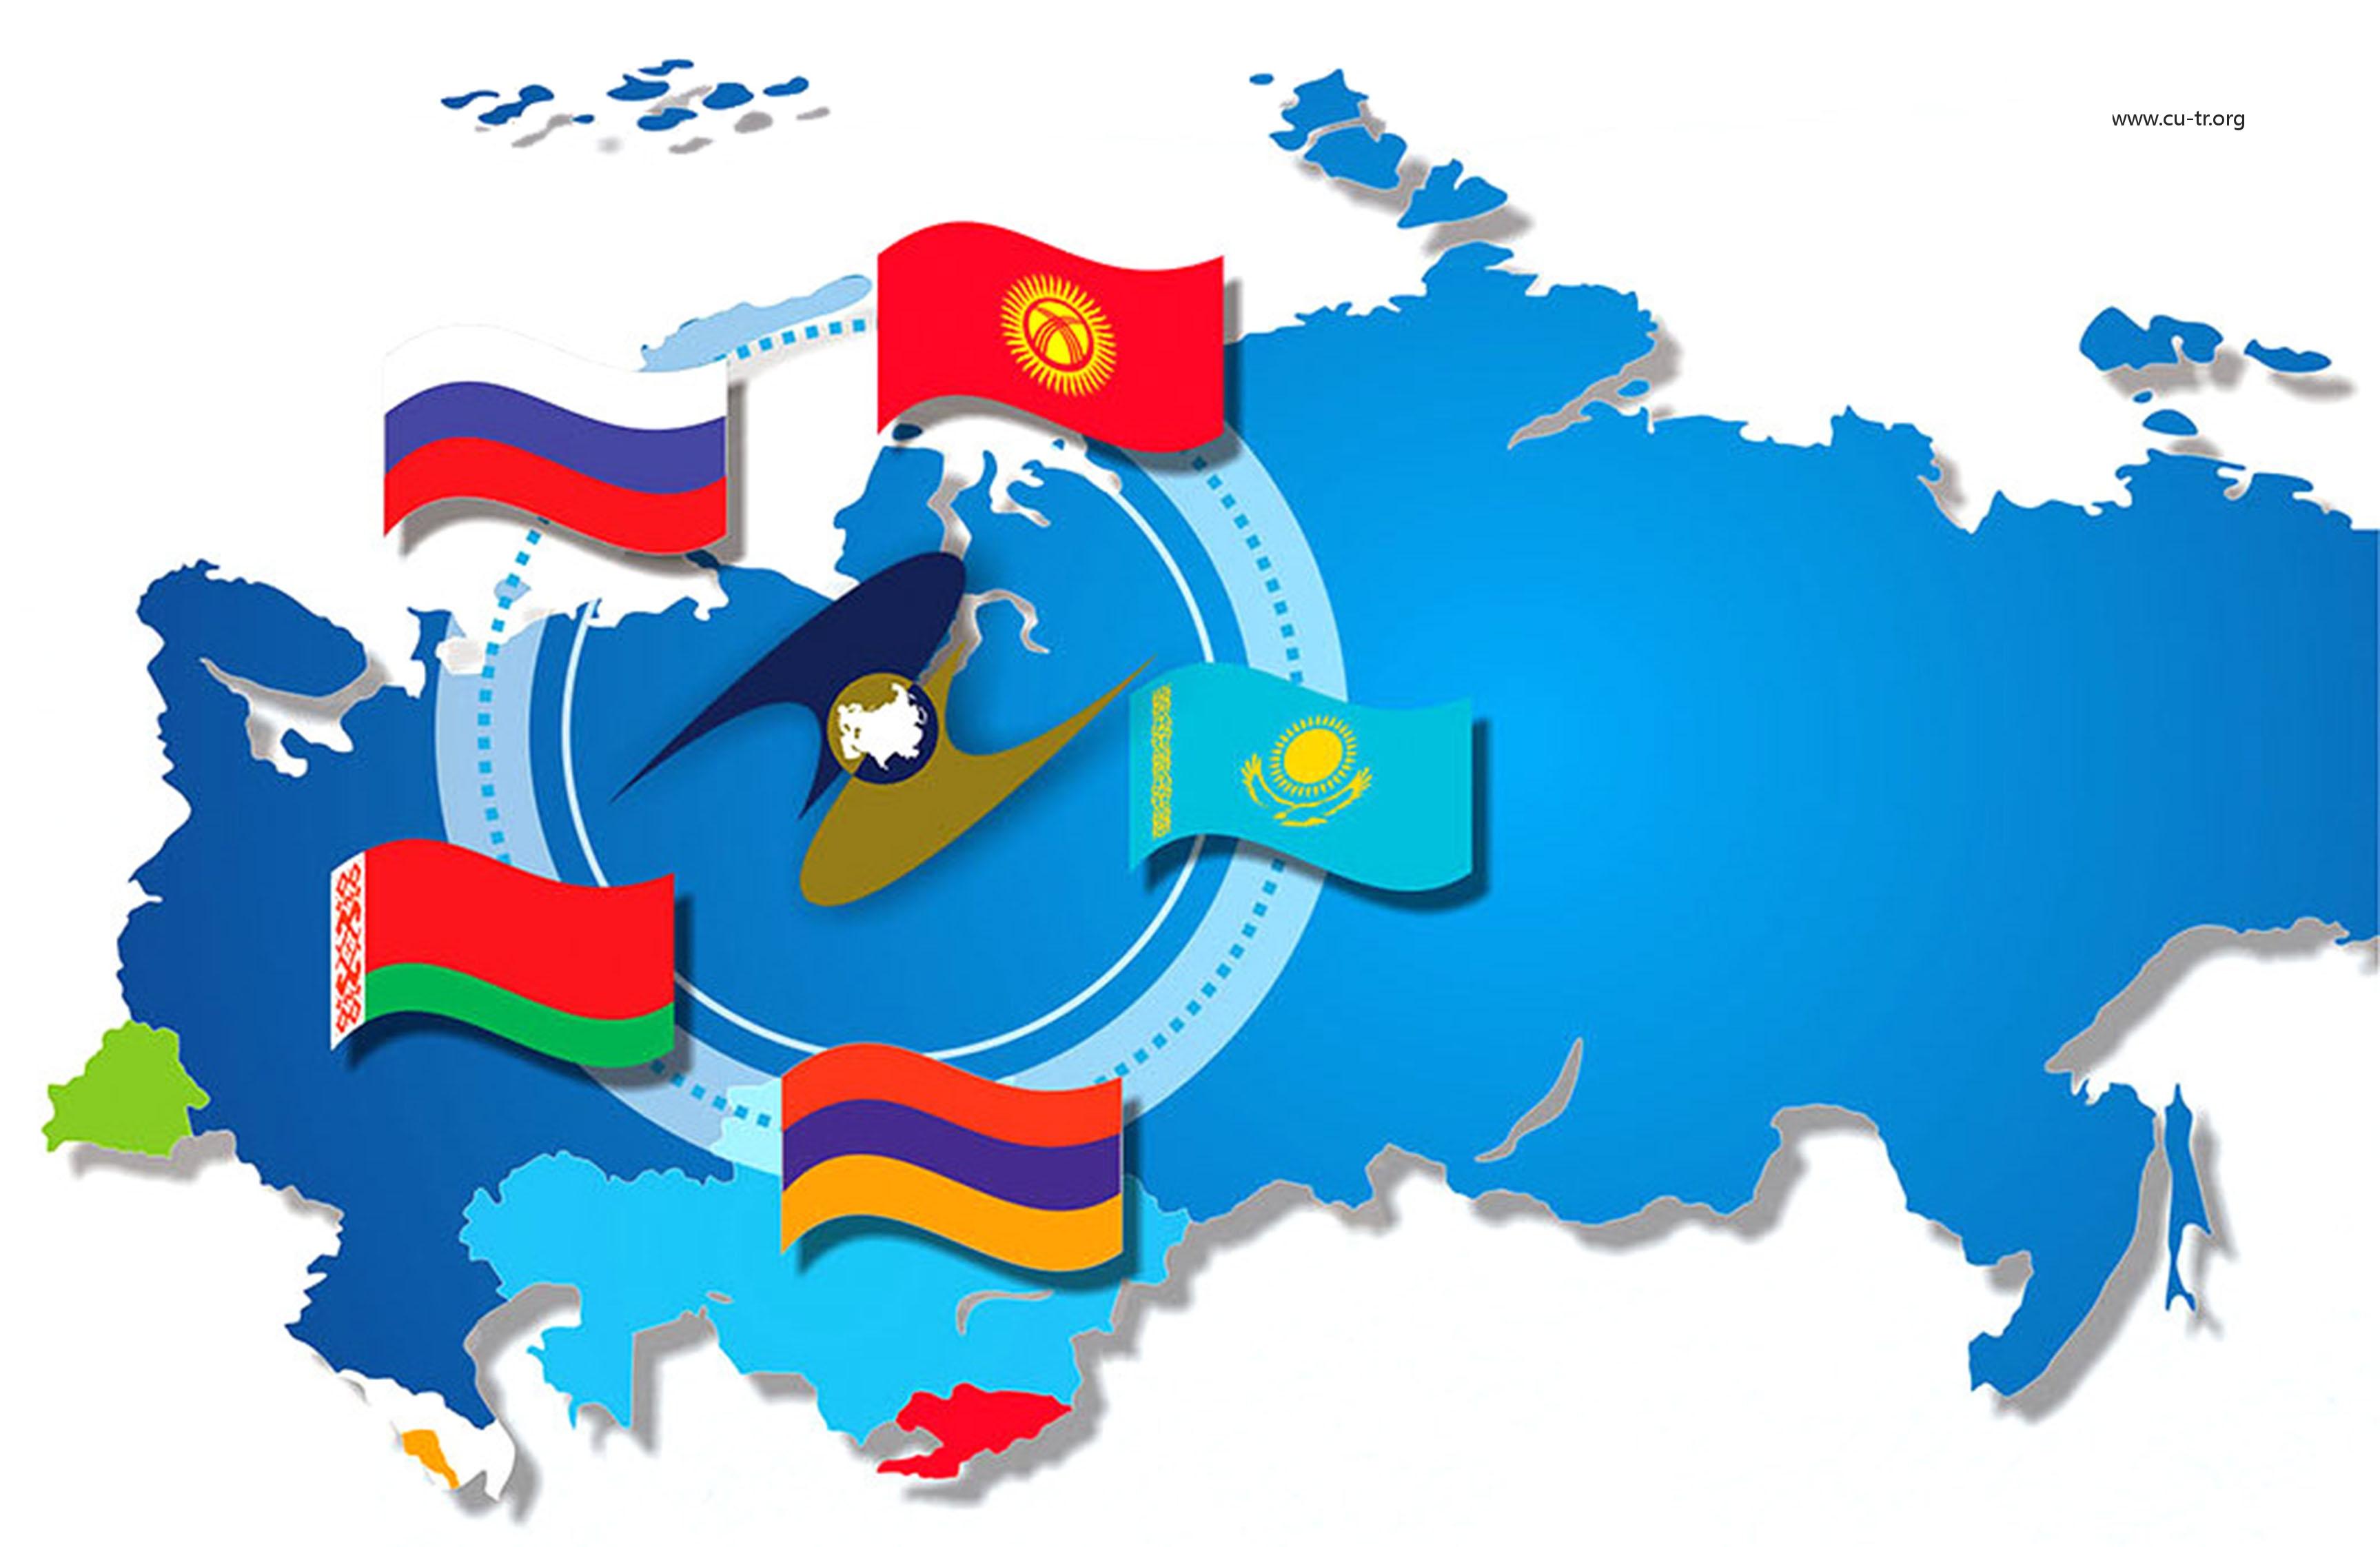 海关联盟认证 CU-TR认证 SGR注册 俄罗斯GOST认证 哈萨克斯坦认证 吉尔吉斯坦认证 乌克兰认证